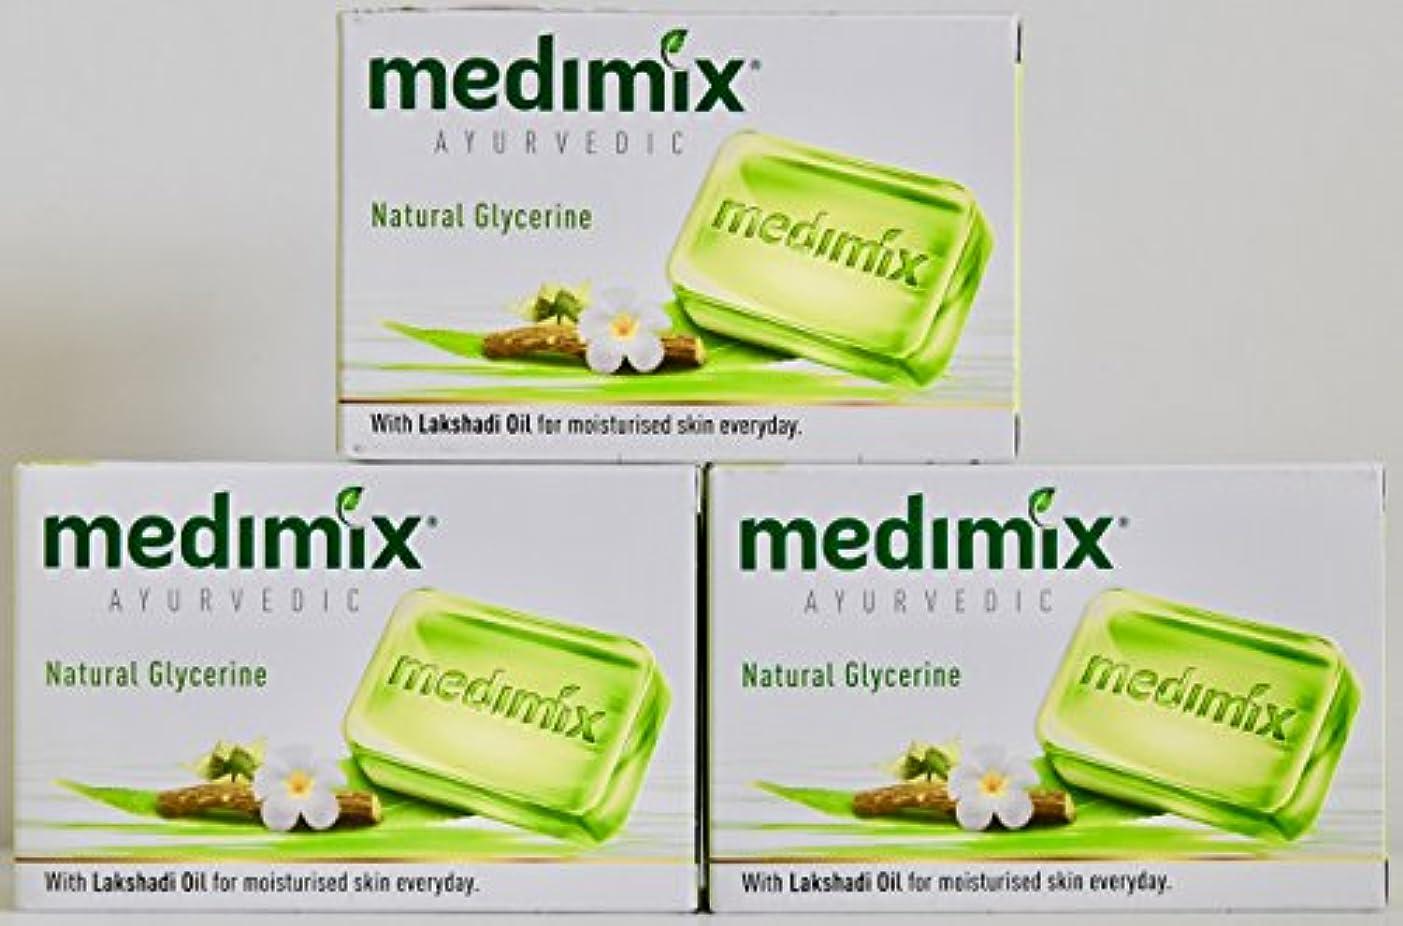 羊飼い呼び起こすパイントMEDIMIX メディミックス アーユルヴェディック ナチュラルグリセリン 3個入り  125g